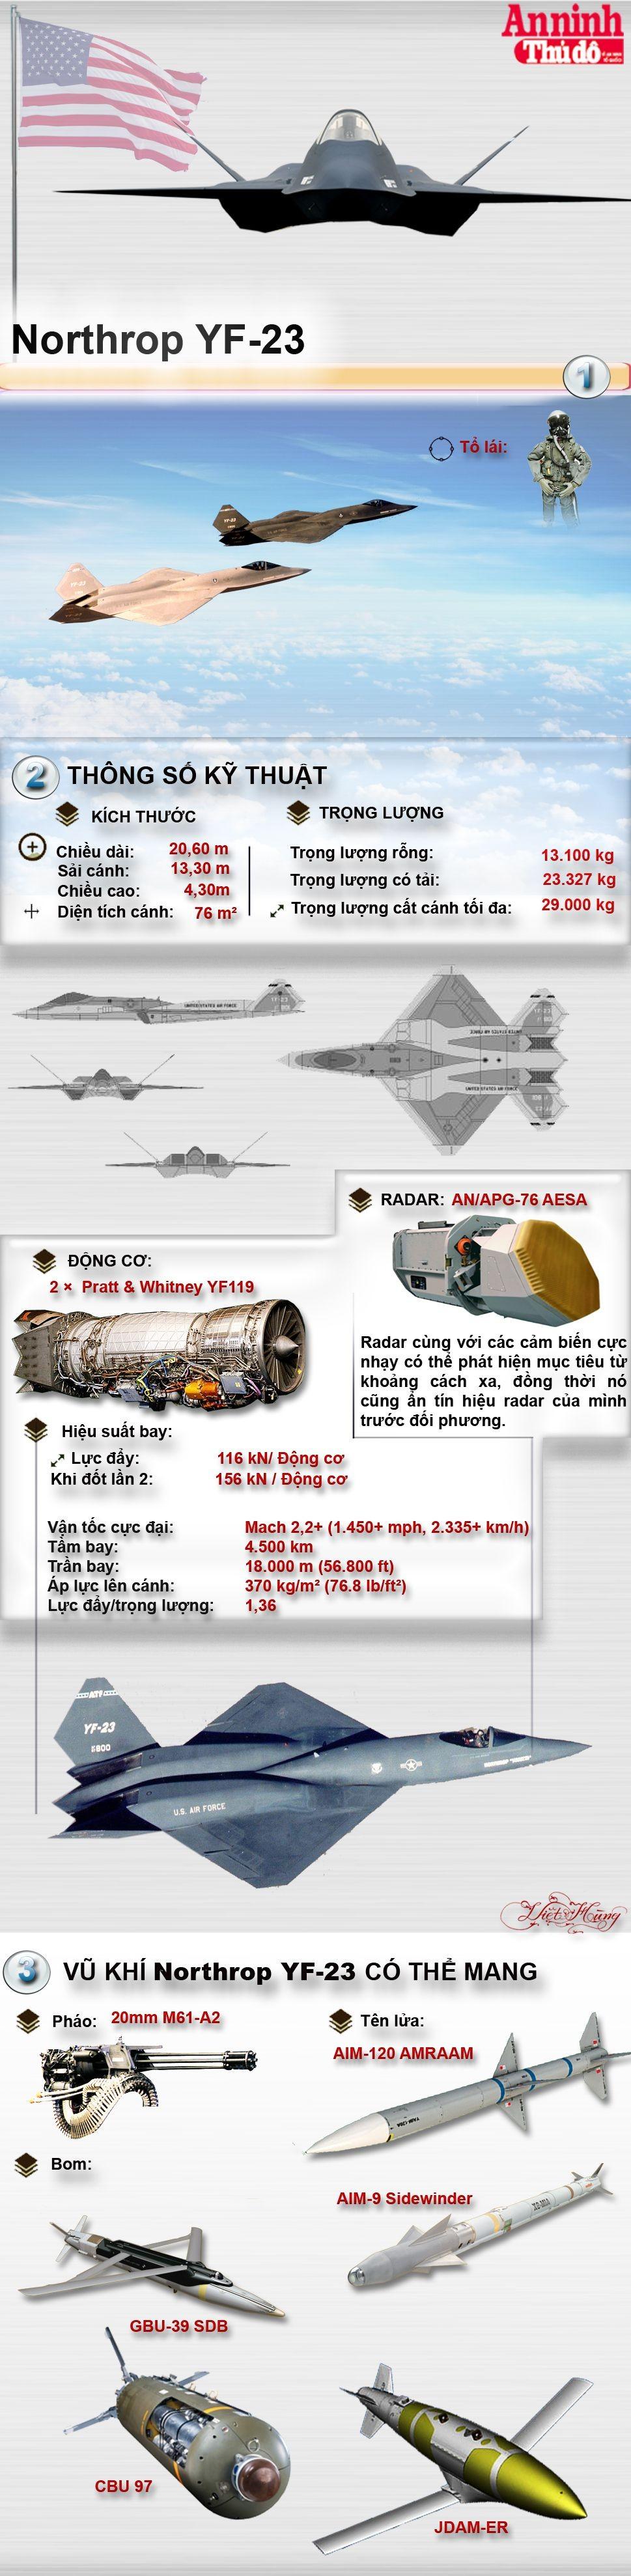 [Infographic] Northrop YF-23-Siêu tiêm kích tàng hình chết yểu của Mỹ